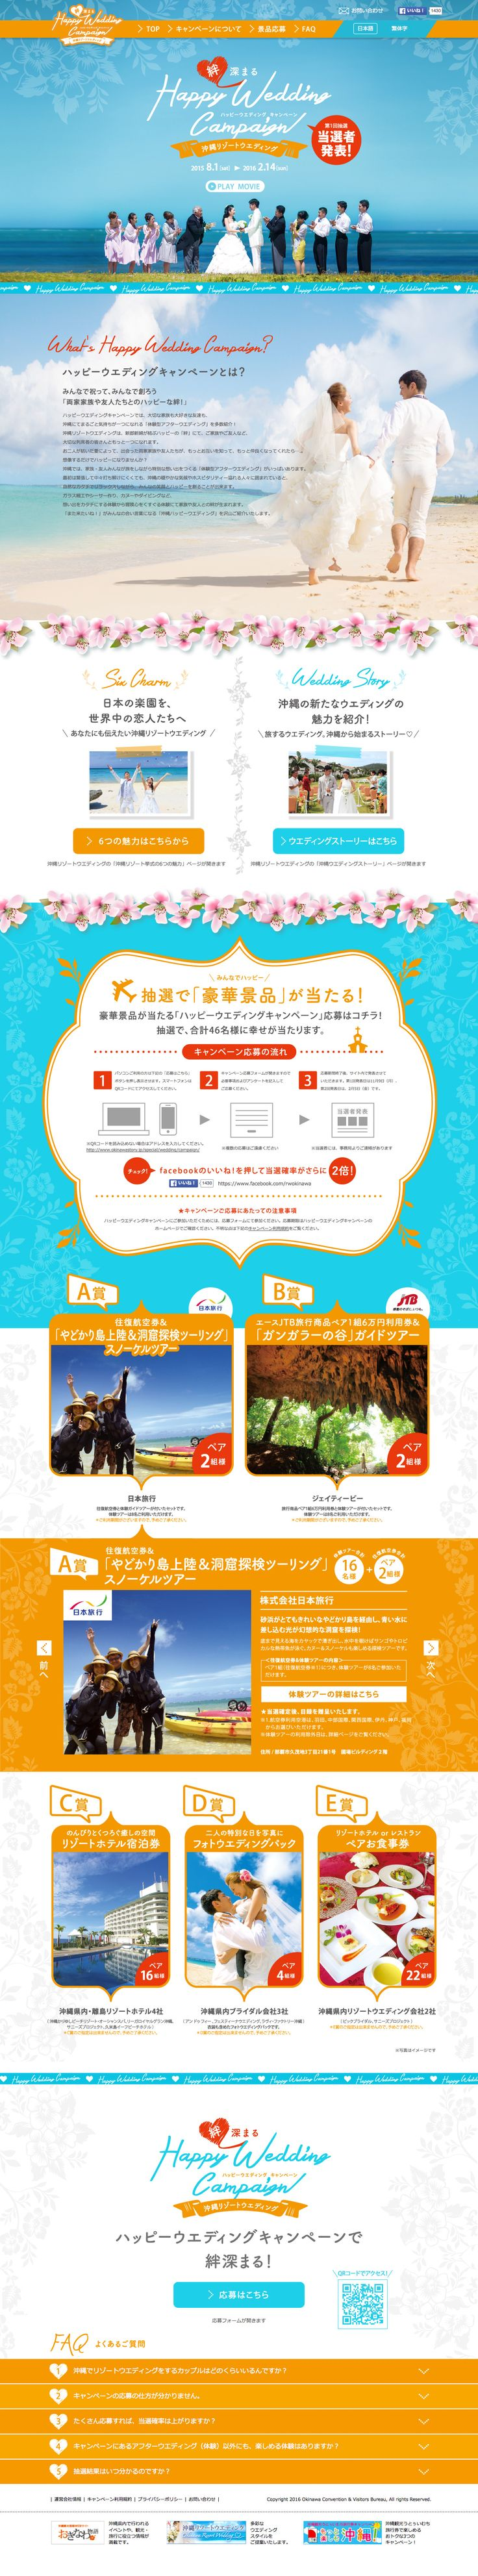 南国リゾートらしいウエディングのキャンペーンサイト。動きがあるデザインでステキ♡途中から追従してくるお花も好き♡ - 沖縄観光情報WEBサイト…